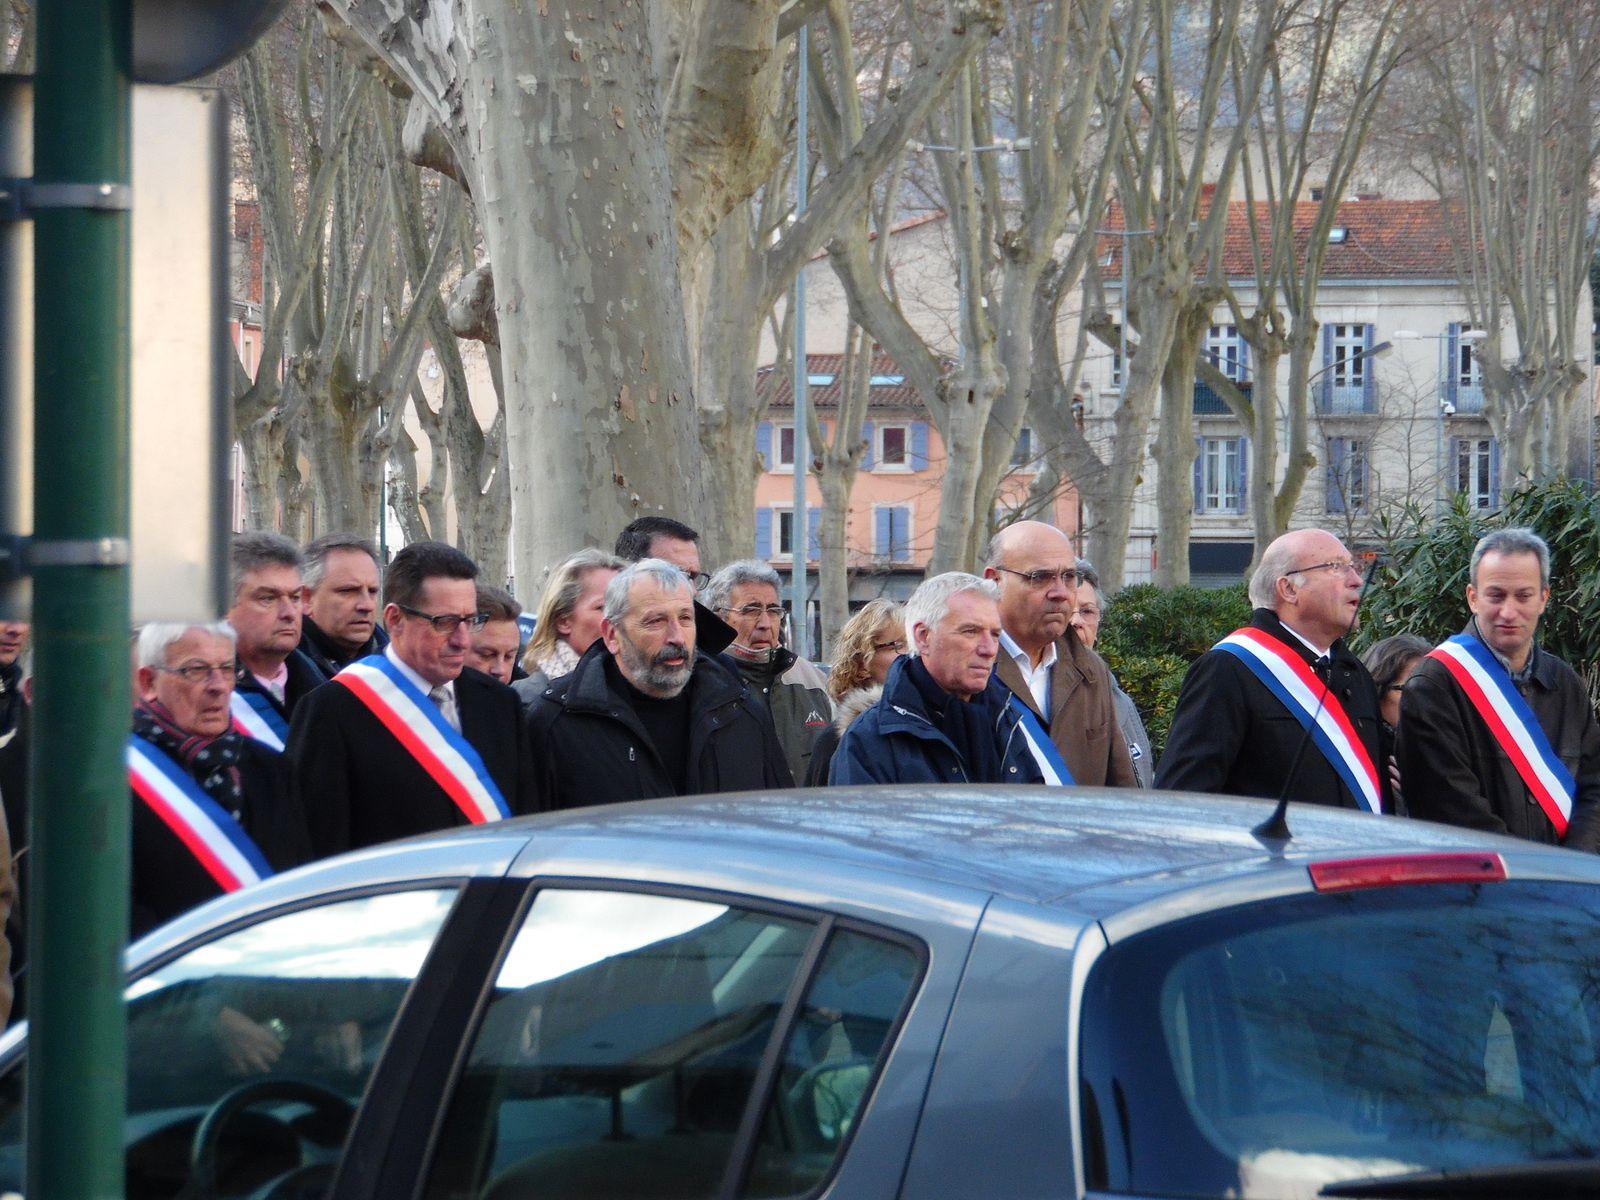 Marée humaine historique à Tournon-sur-Rhône - La marche républicaine est un rassemblement d'ampleur &quot&#x3B;sans précédent&quot&#x3B;,